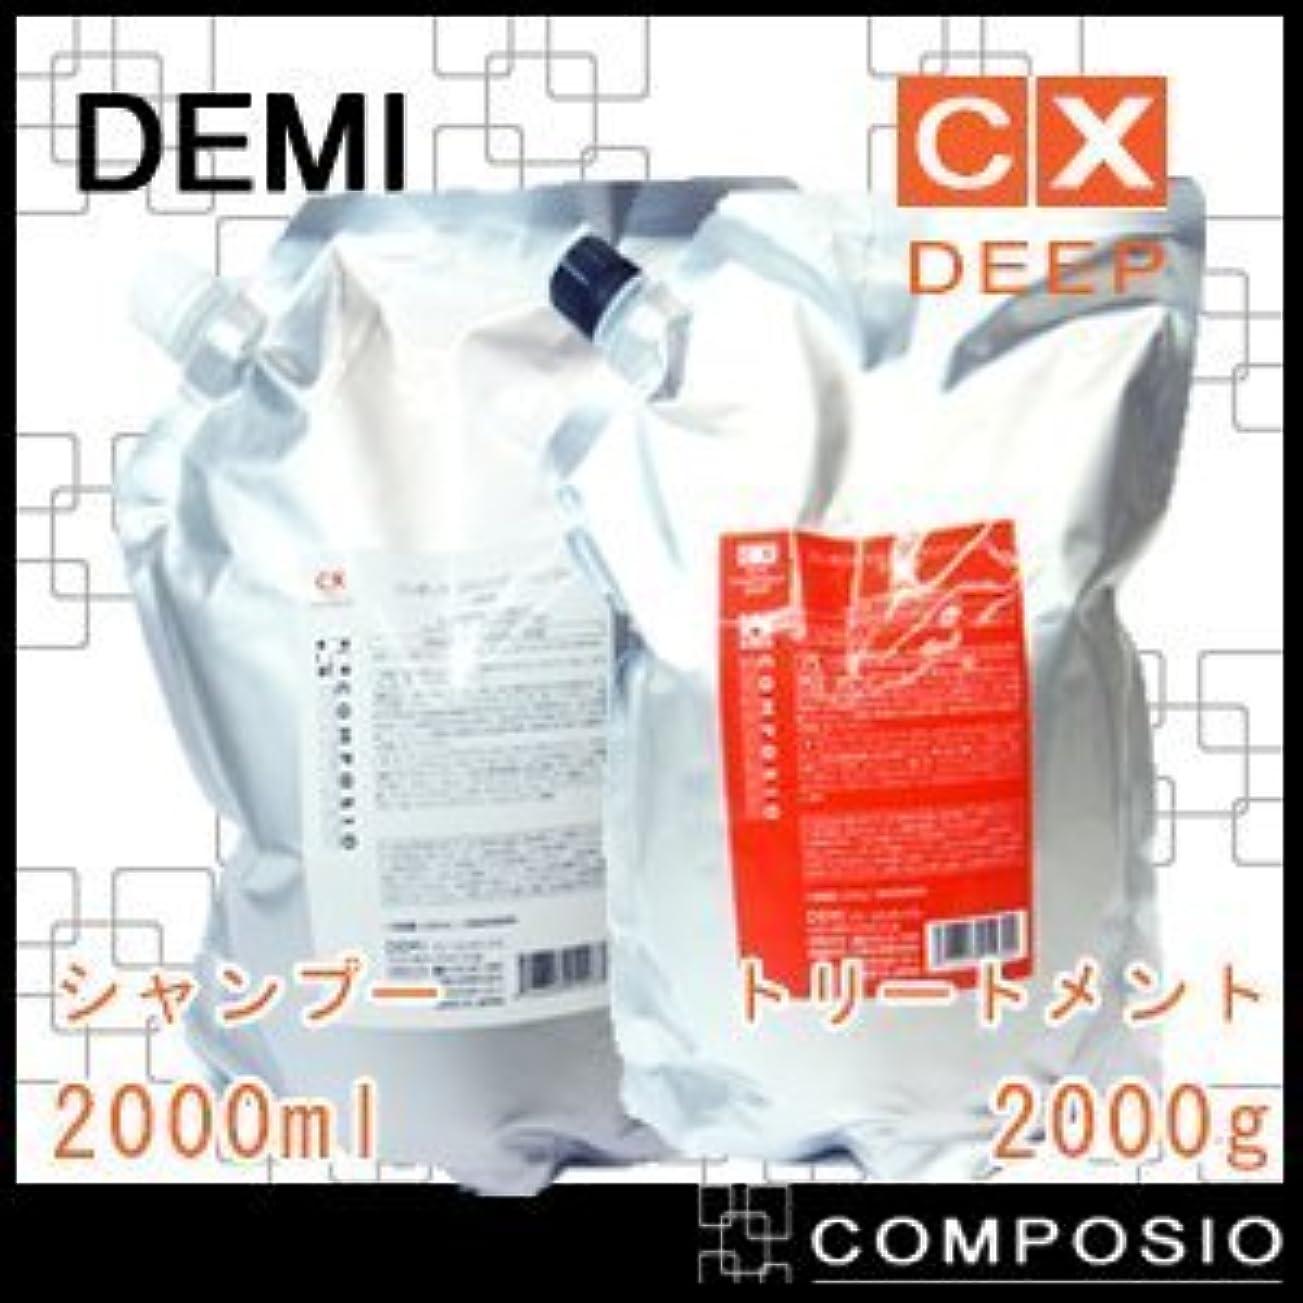 菊反乱論理的にデミ コンポジオ CXリペアシャンプー&トリートメント ディープ 詰め替え 2000ml,2000g